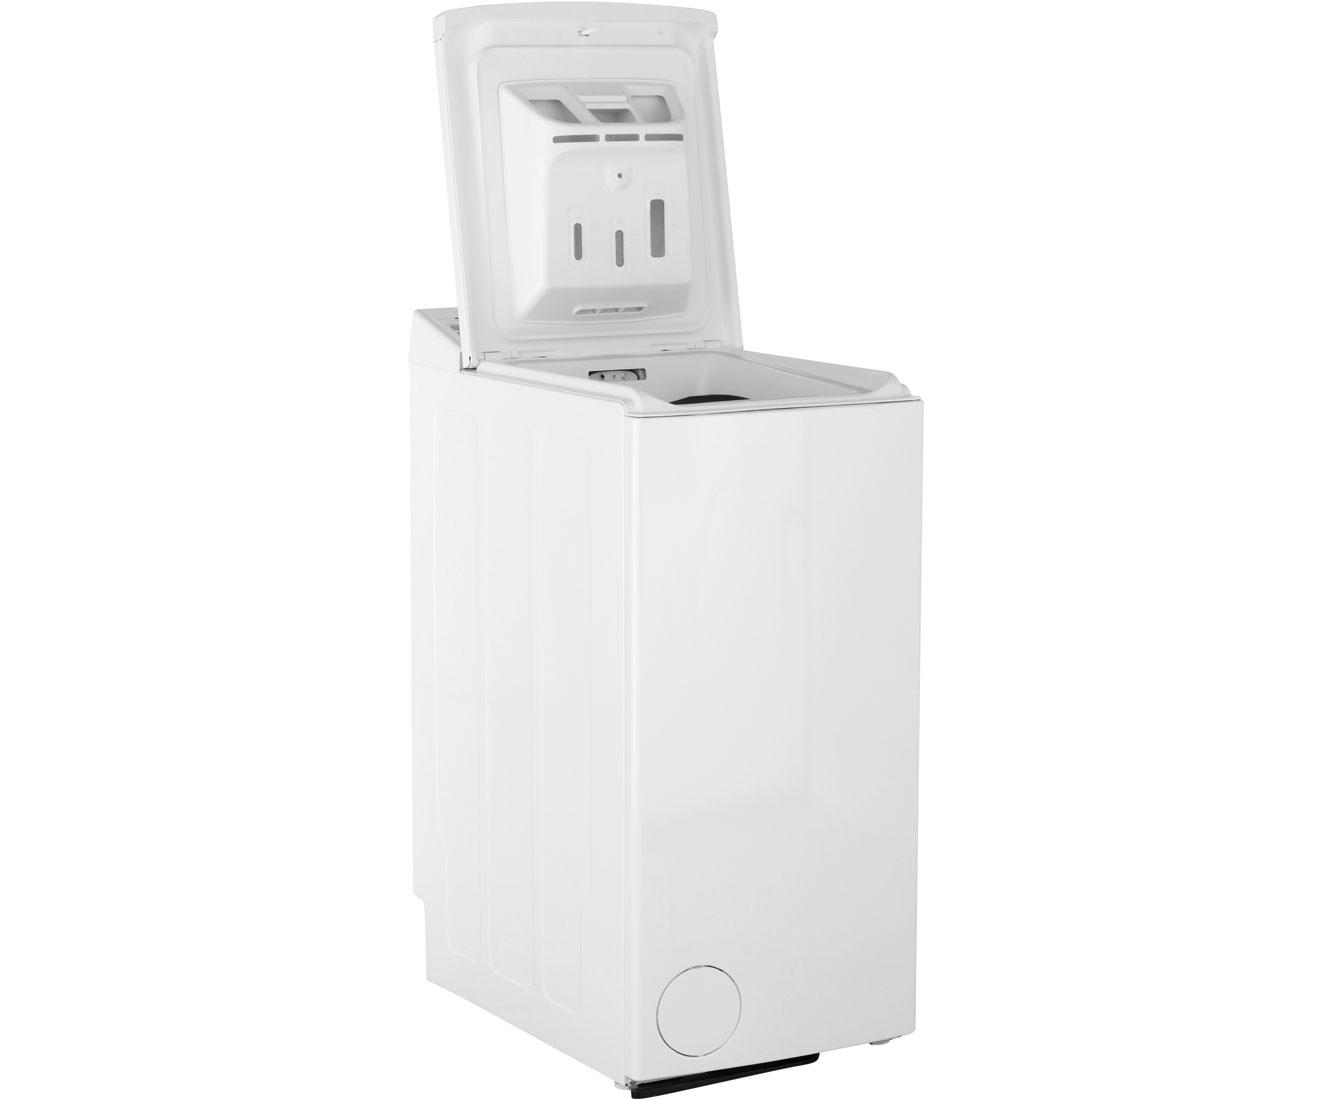 bauknecht wmt style 722 zen waschmaschine freistehend wei neu ebay. Black Bedroom Furniture Sets. Home Design Ideas